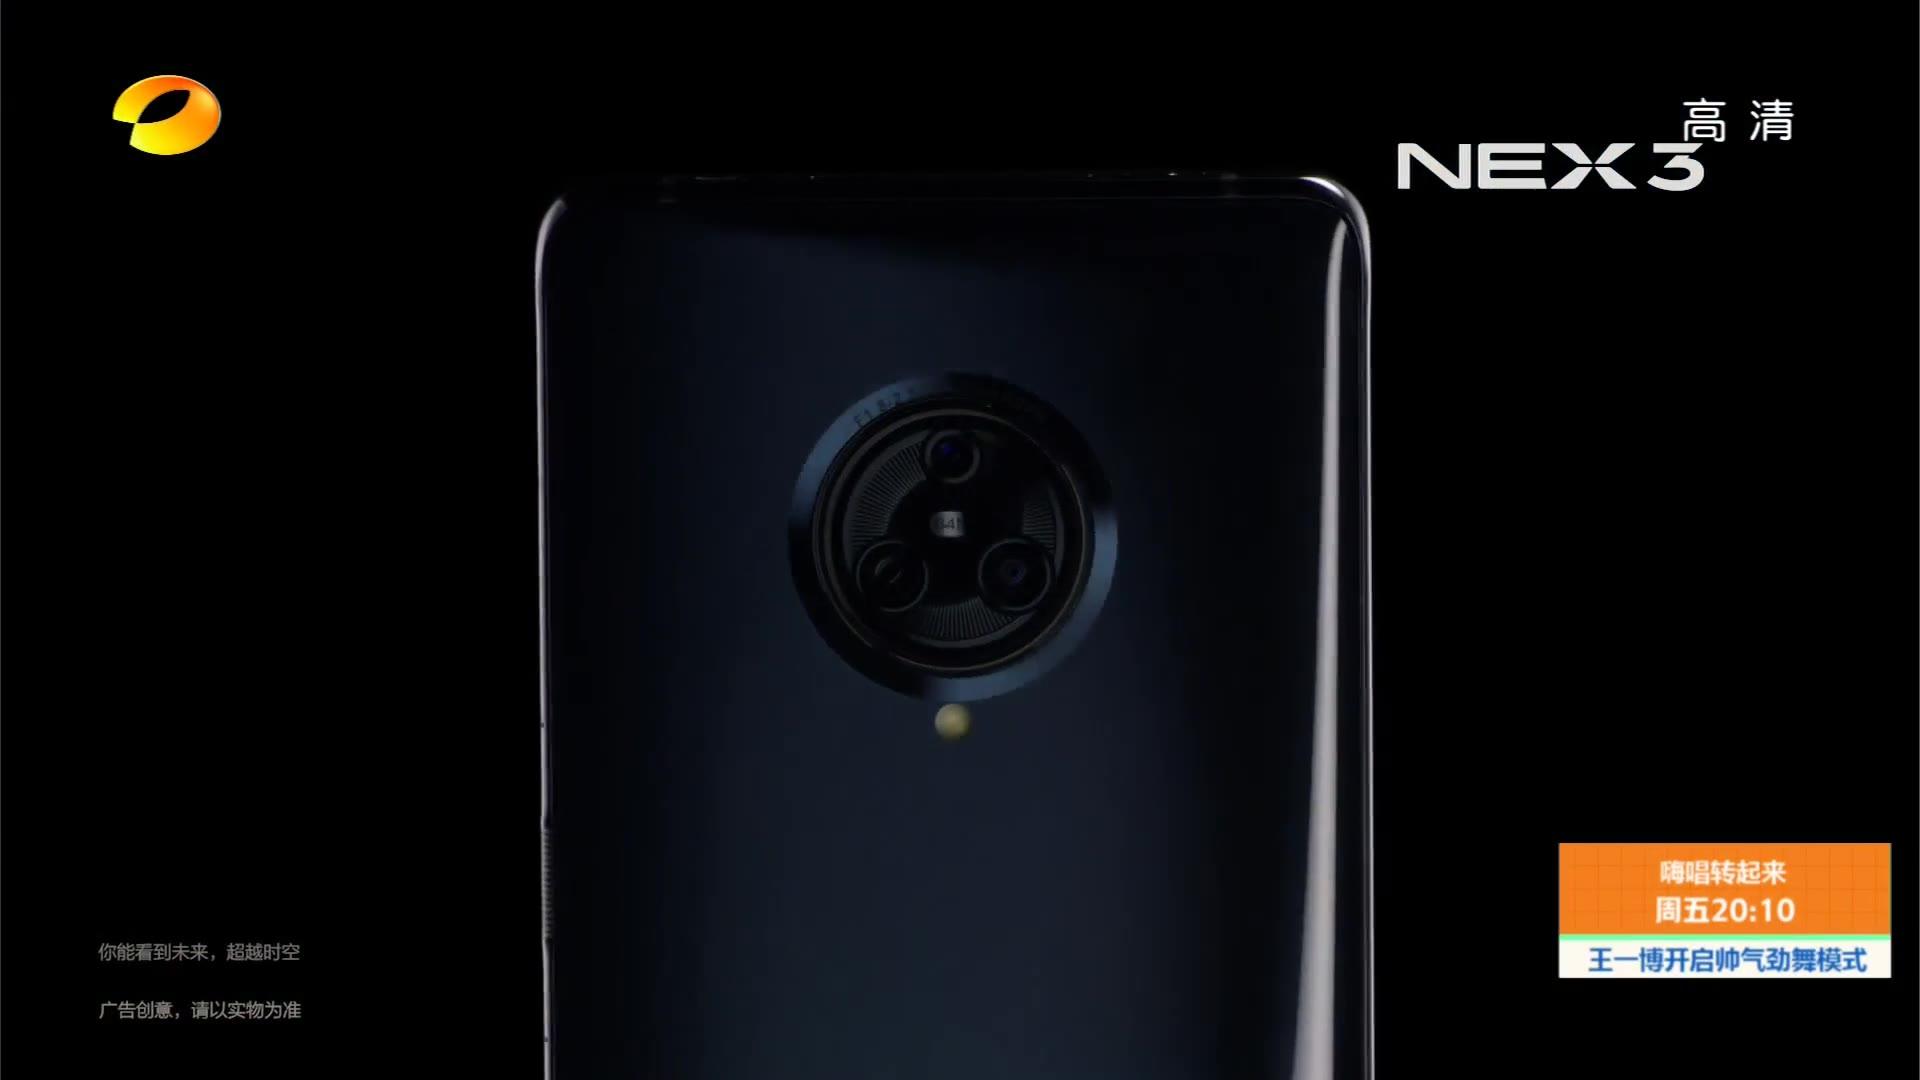 央视广告欣赏-NEX 3 5G-5